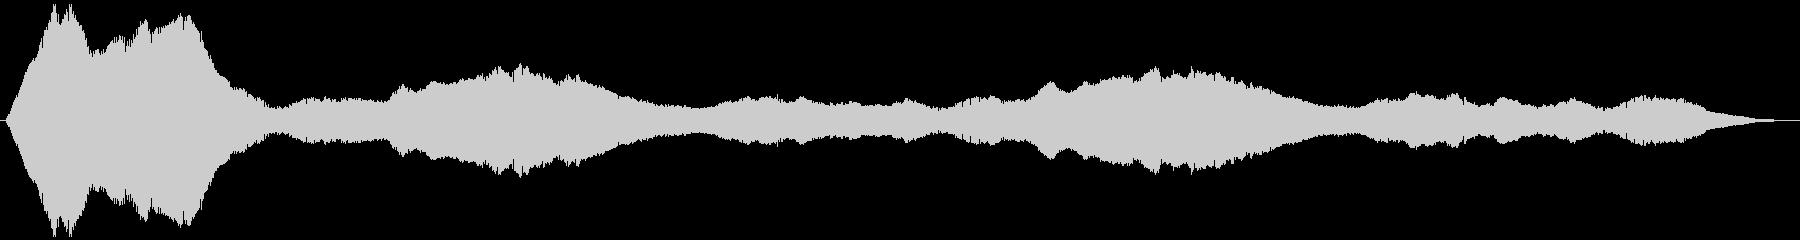 PADS 壊れたチェロ02の未再生の波形